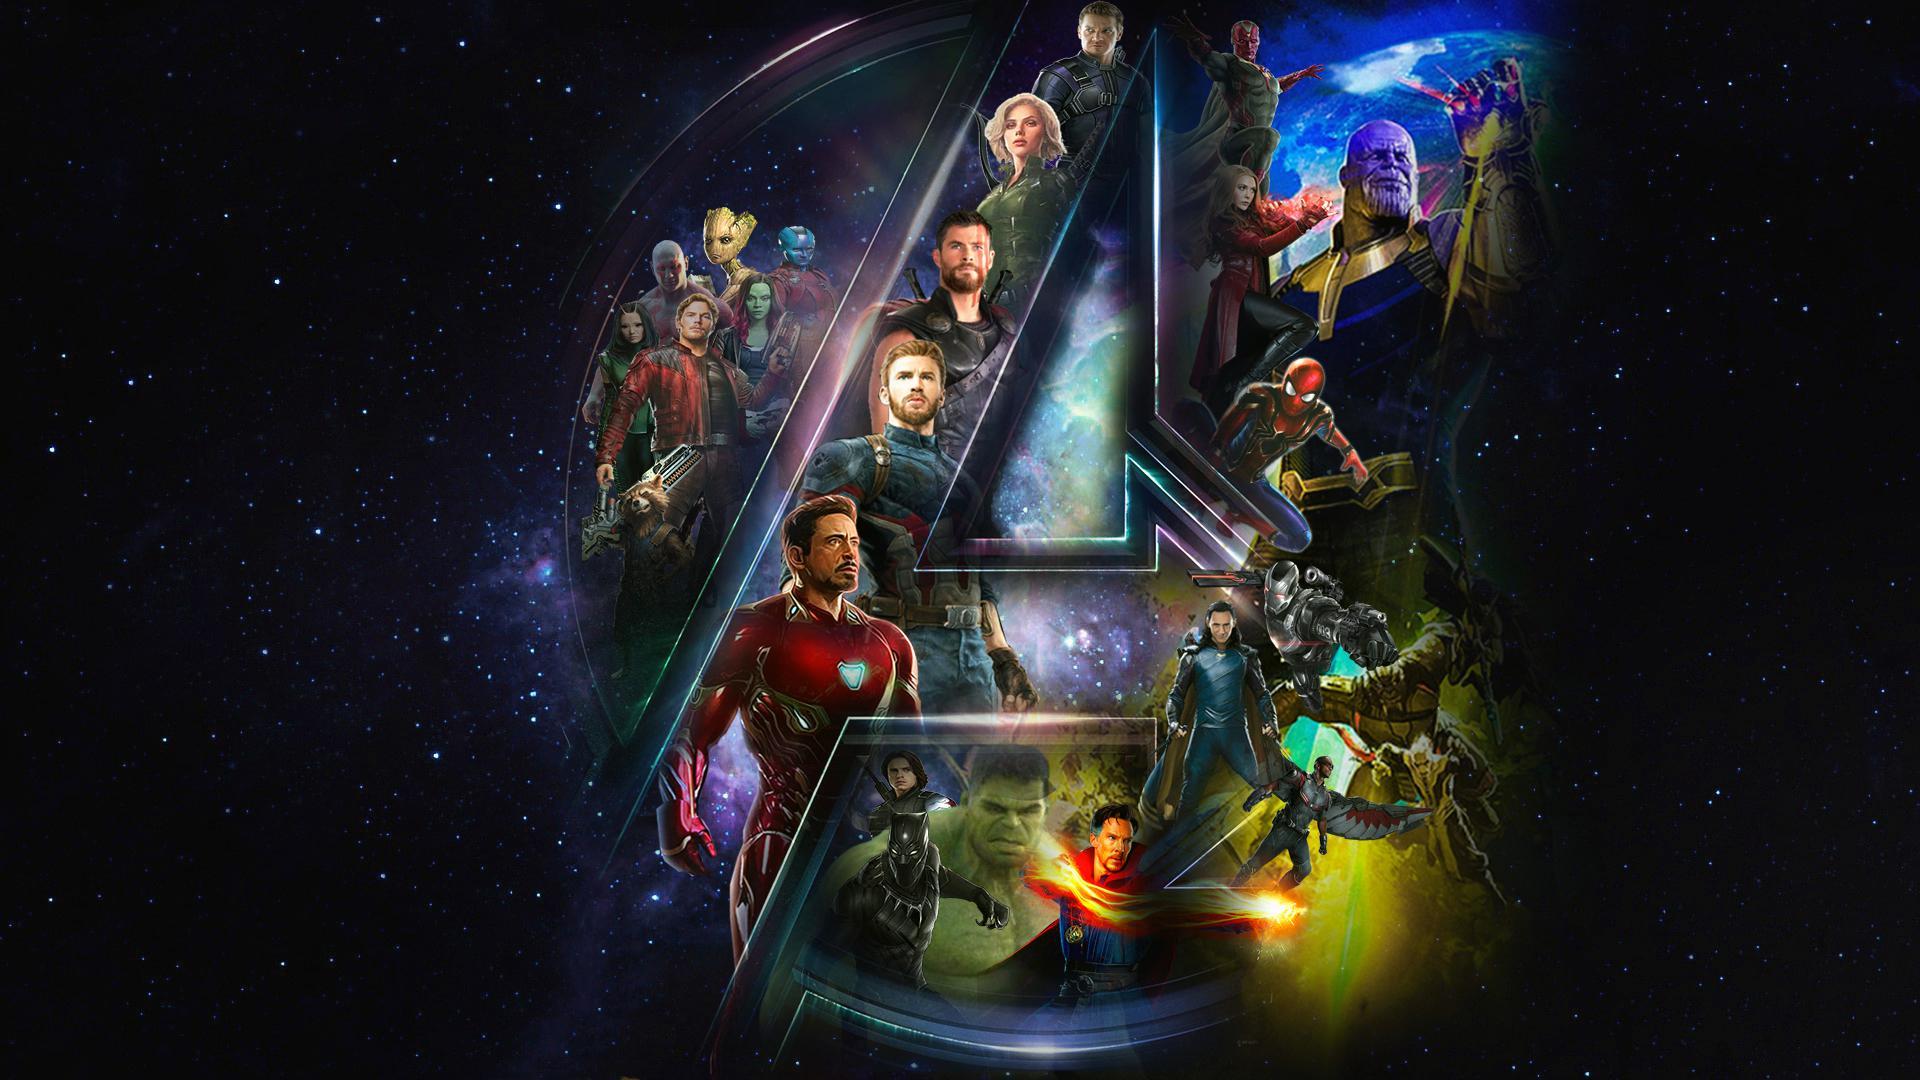 Avengers Infinity War, Мстители Война Бесконечности, 3840 на 2160 пикселей